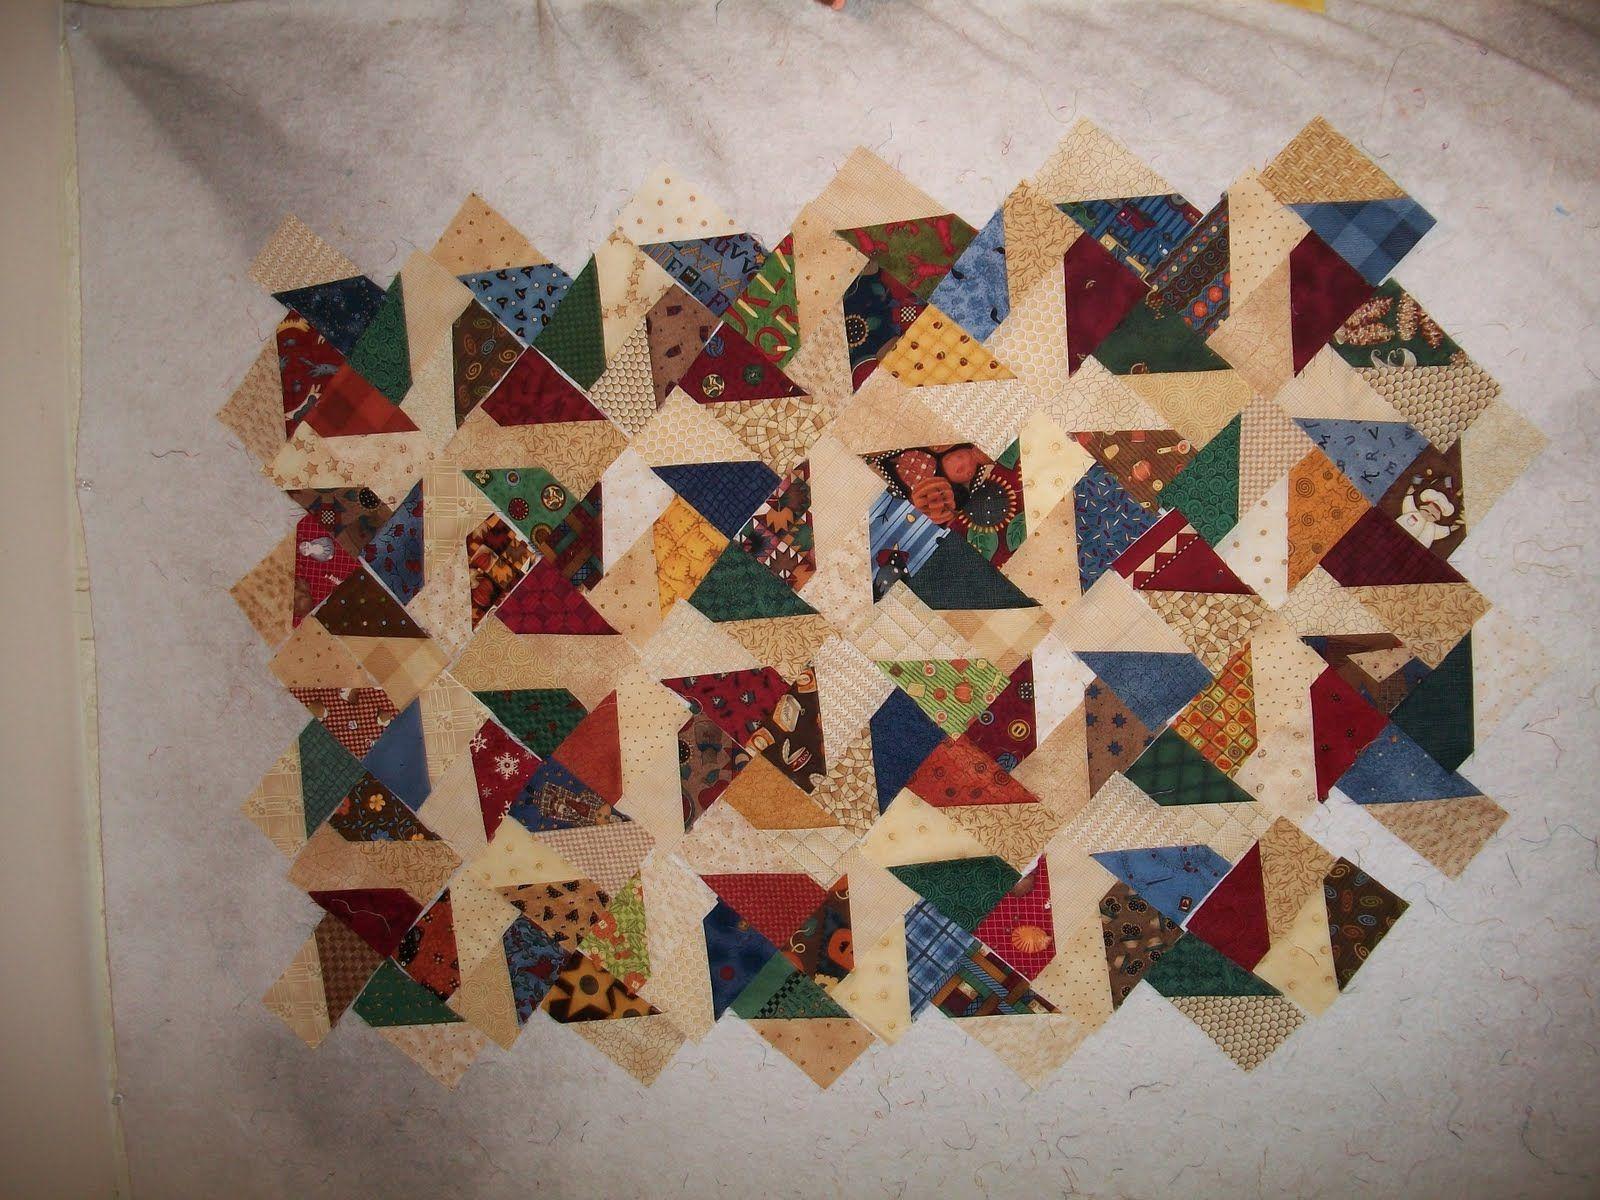 Kitchen Sink Quilt Pattern Kim Brackett The Kitchen Sink